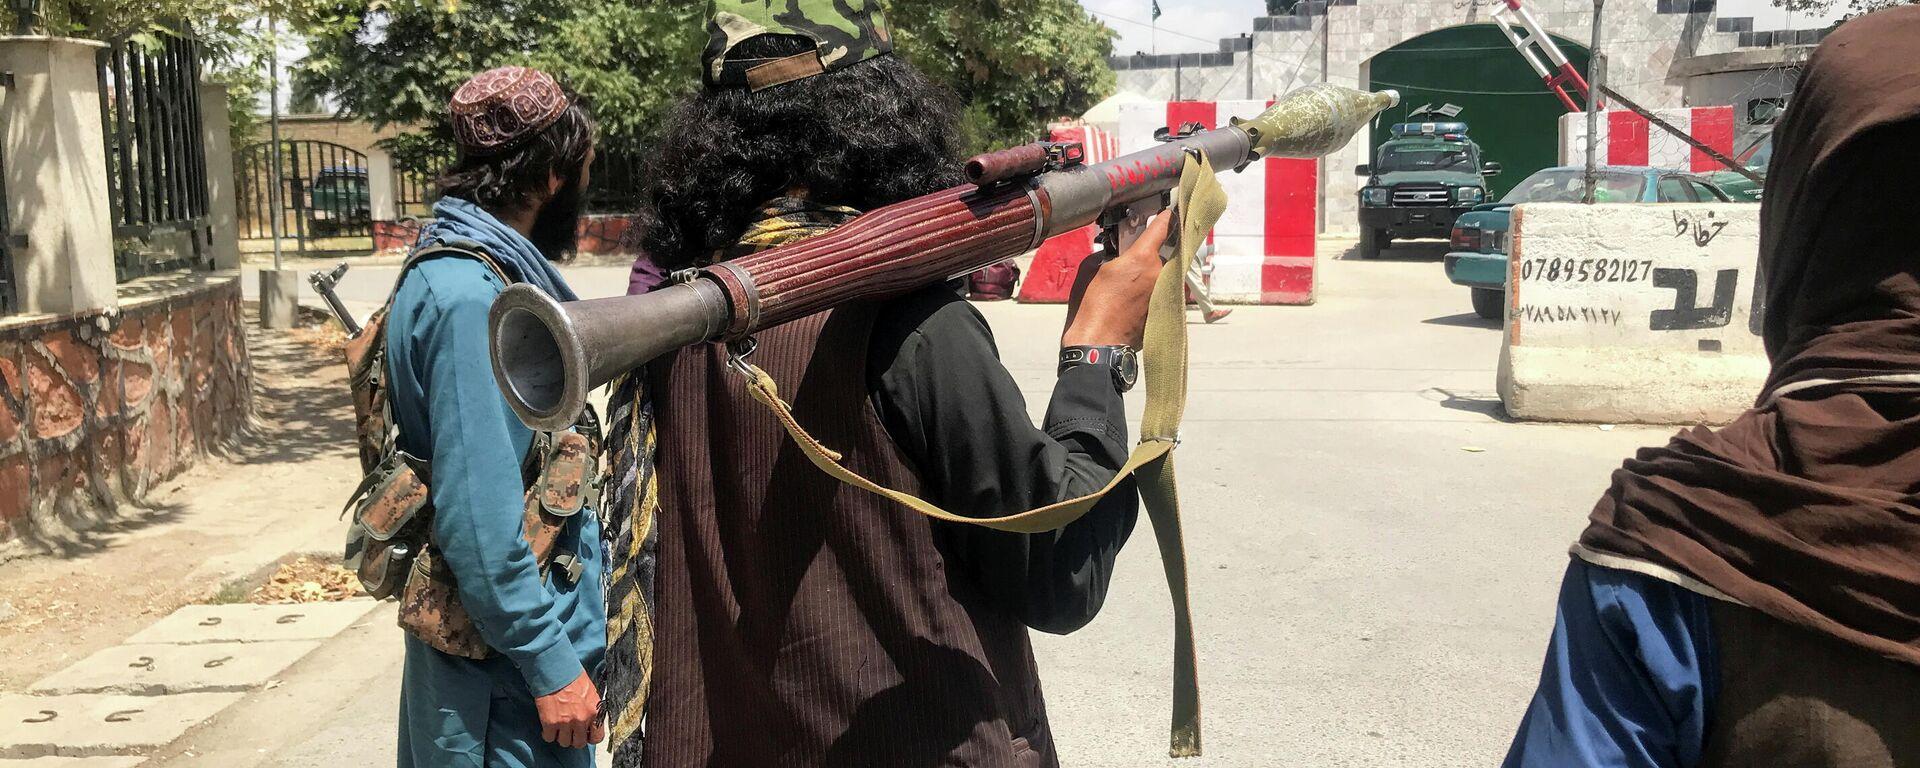 Силы Талибана в Кабуле, Афганистан - Sputnik Таджикистан, 1920, 17.08.2021